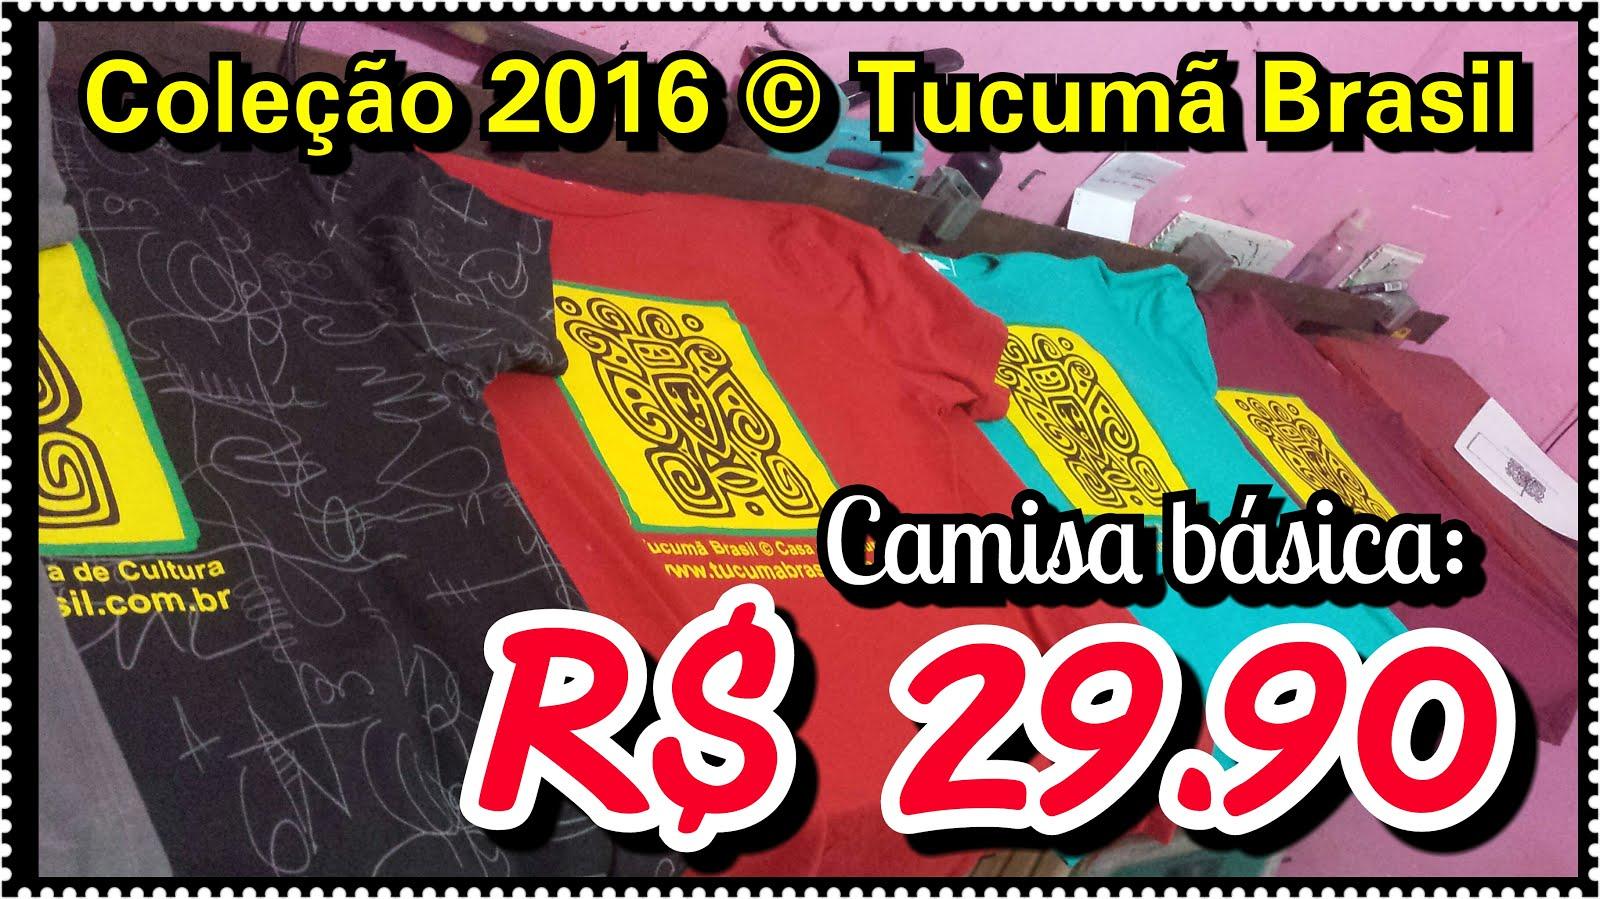 Camisa básica: R$ 29,90